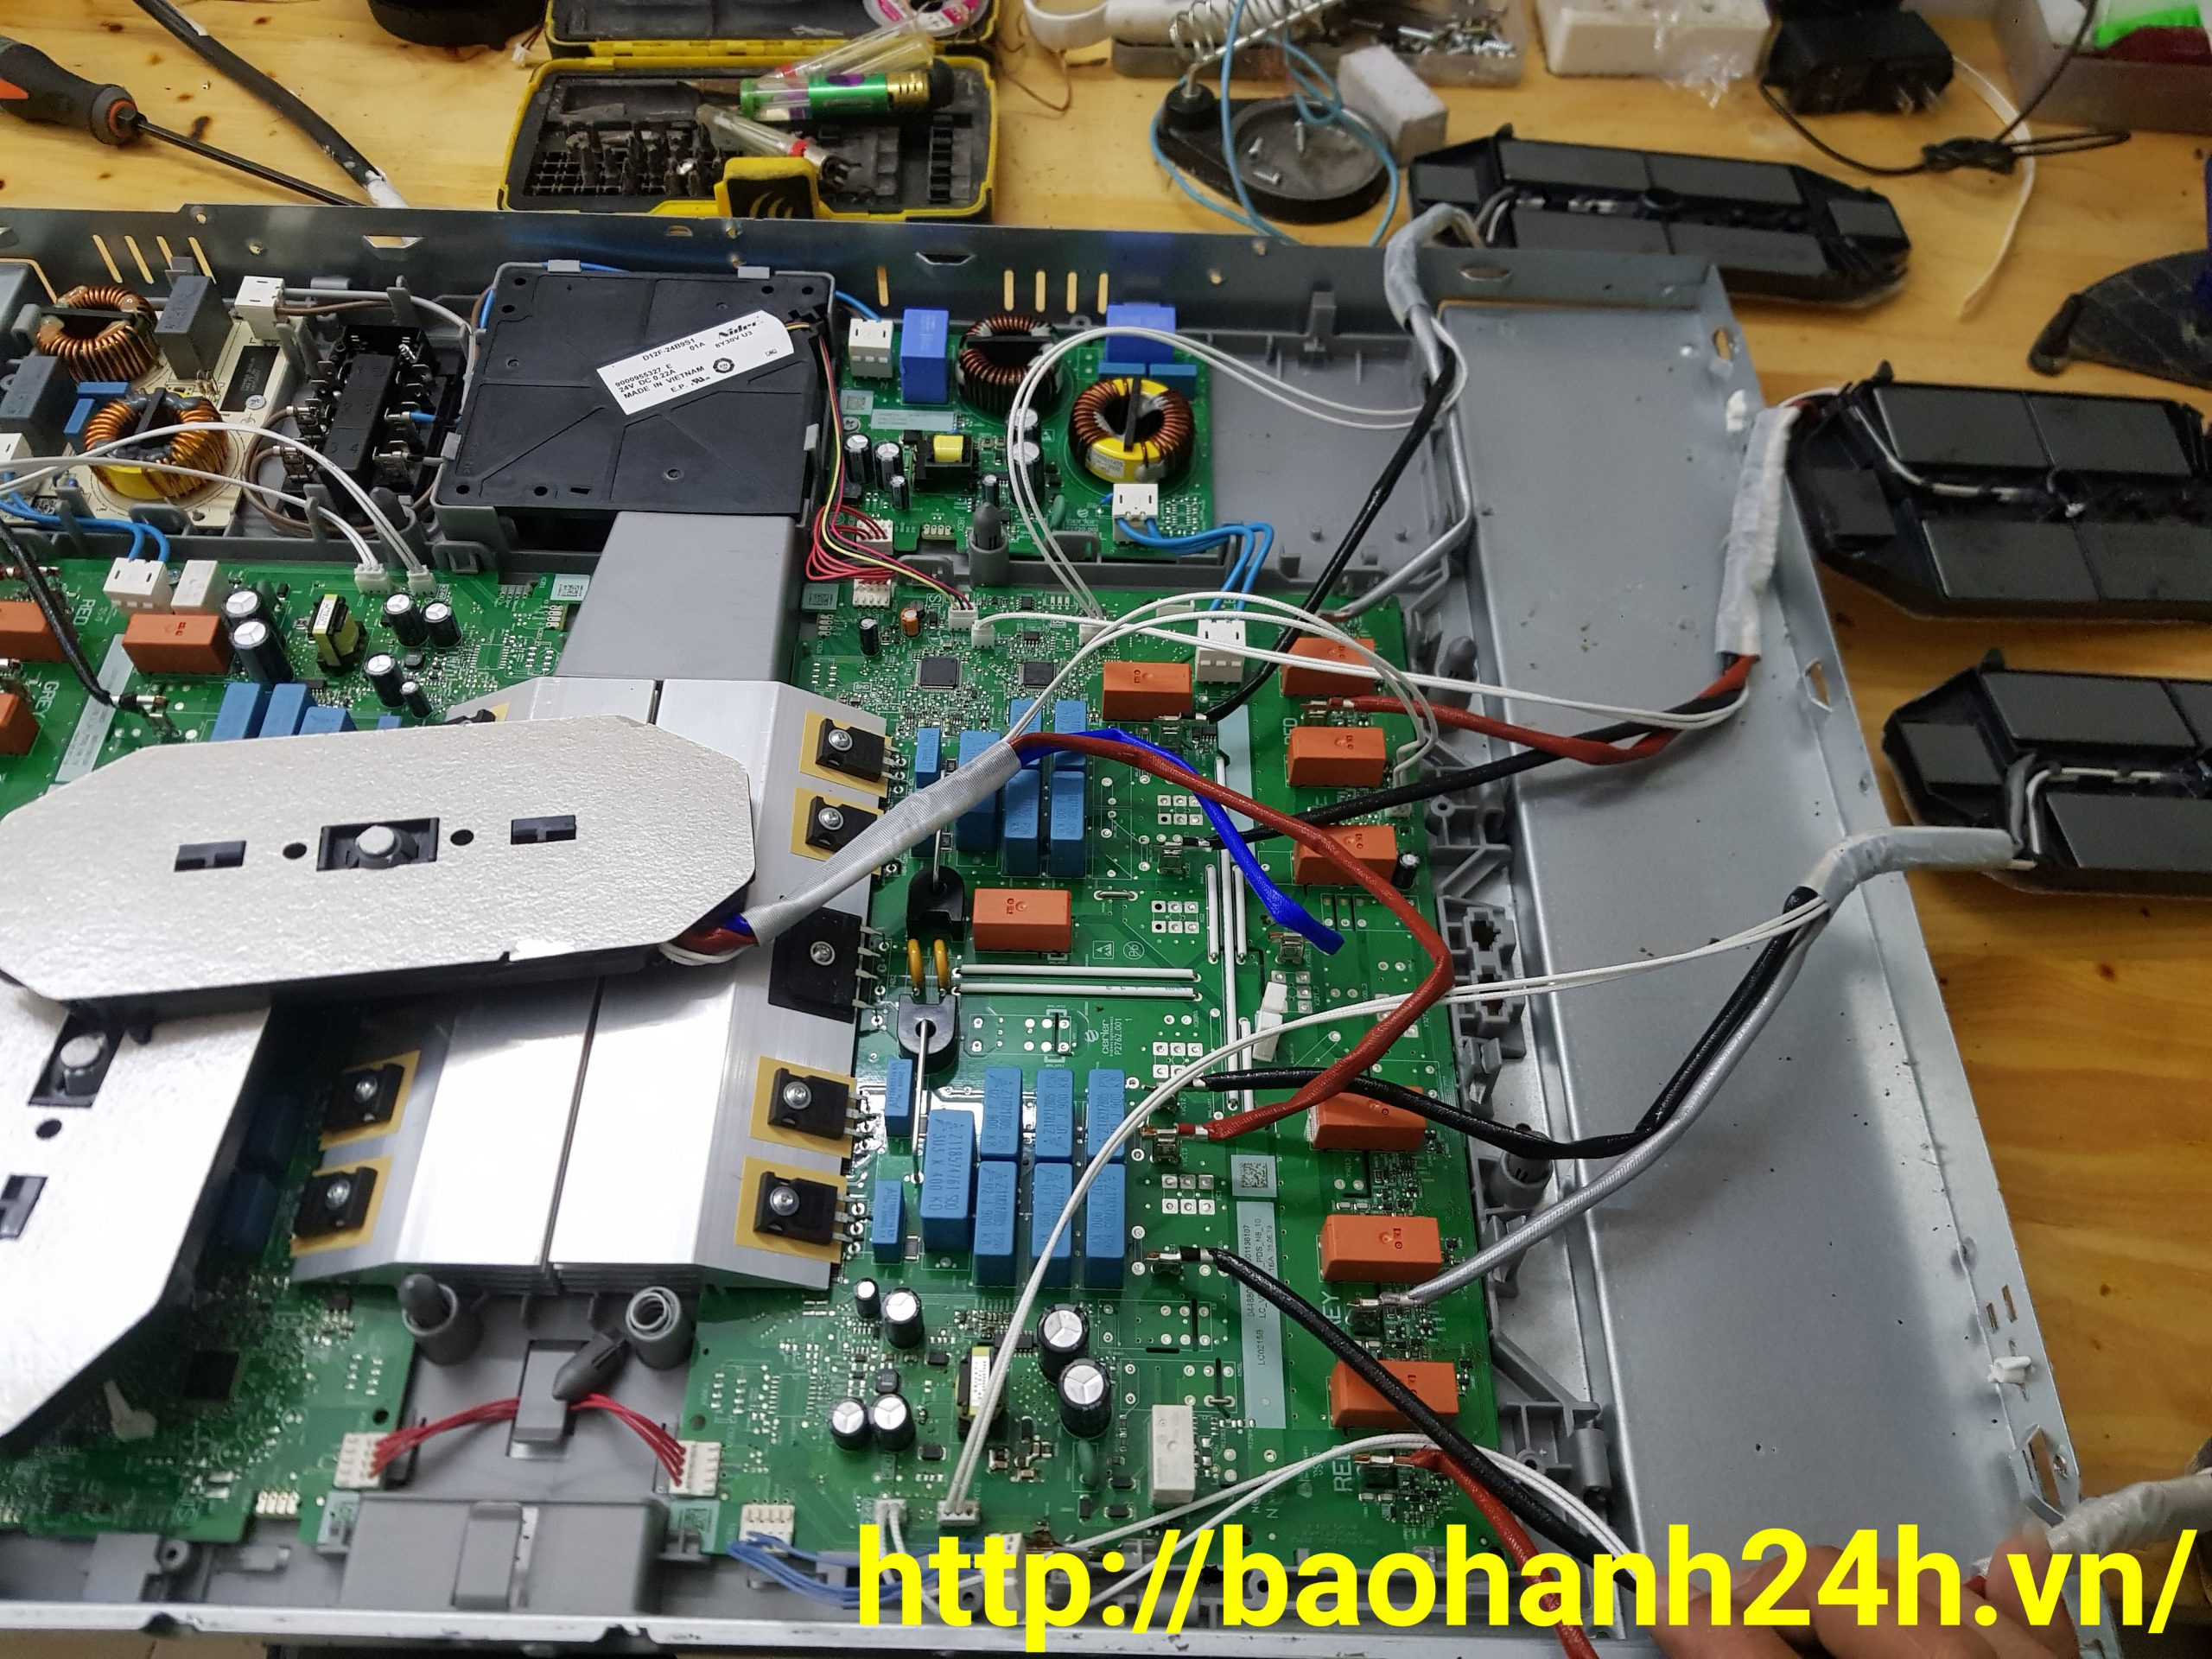 Baohanh24h - Địa chỉ sửa chữa bếp điện từ uy tín tại Hà Nội